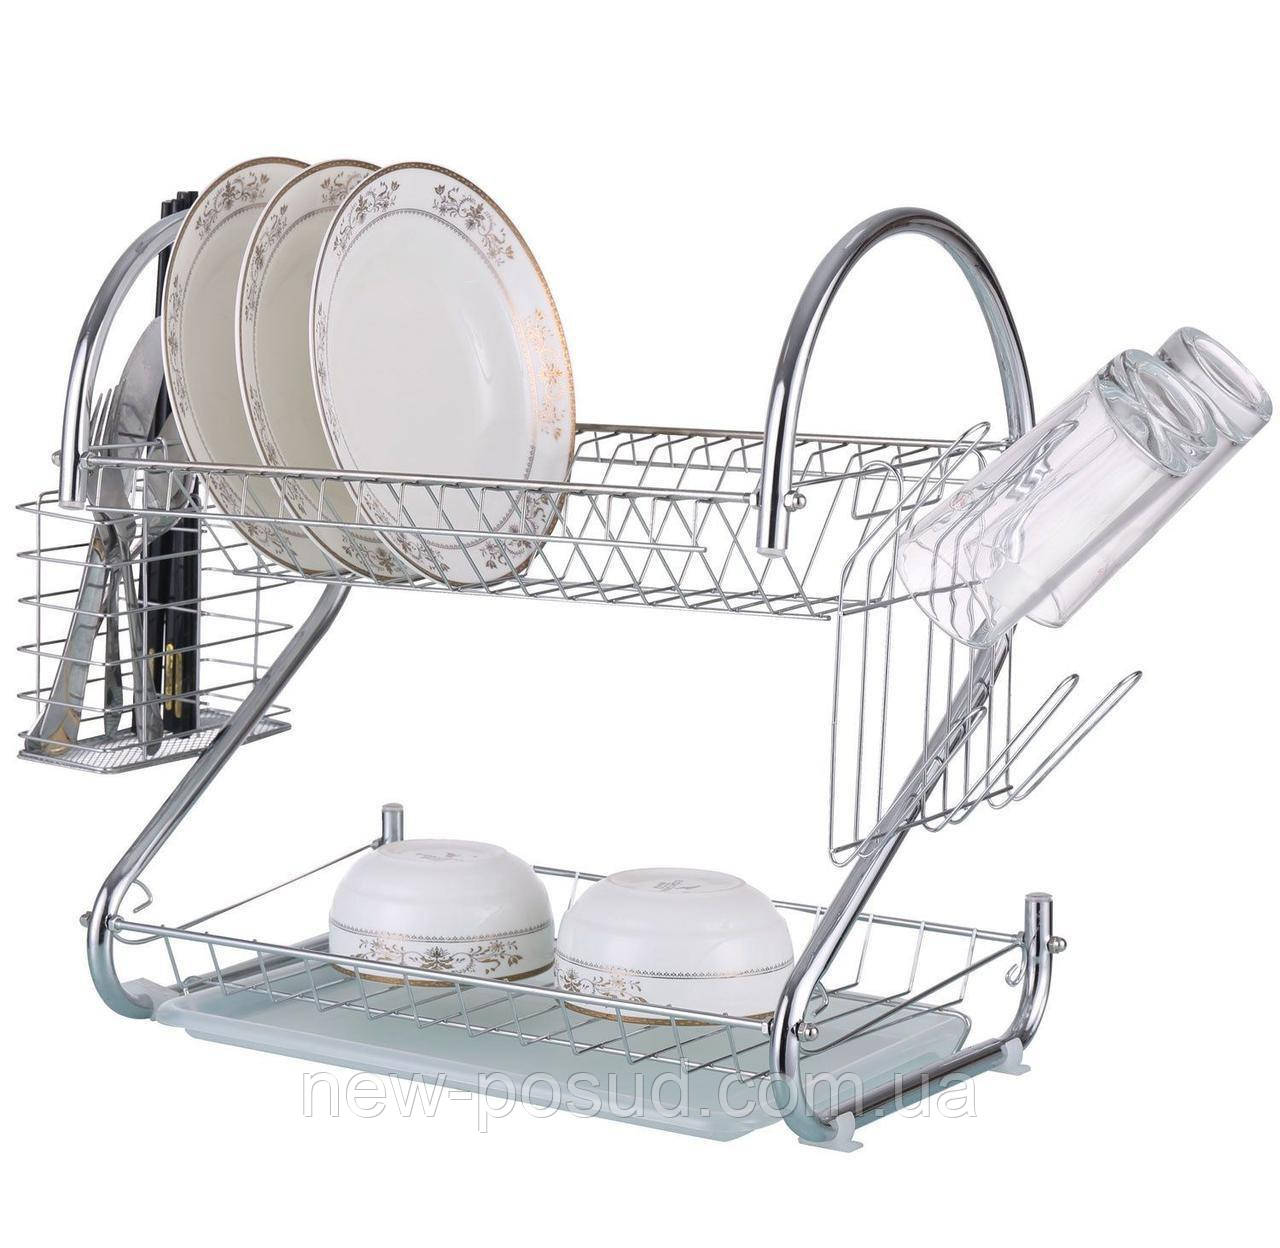 Хромированная сушка для посуды Bohmann BH 7325